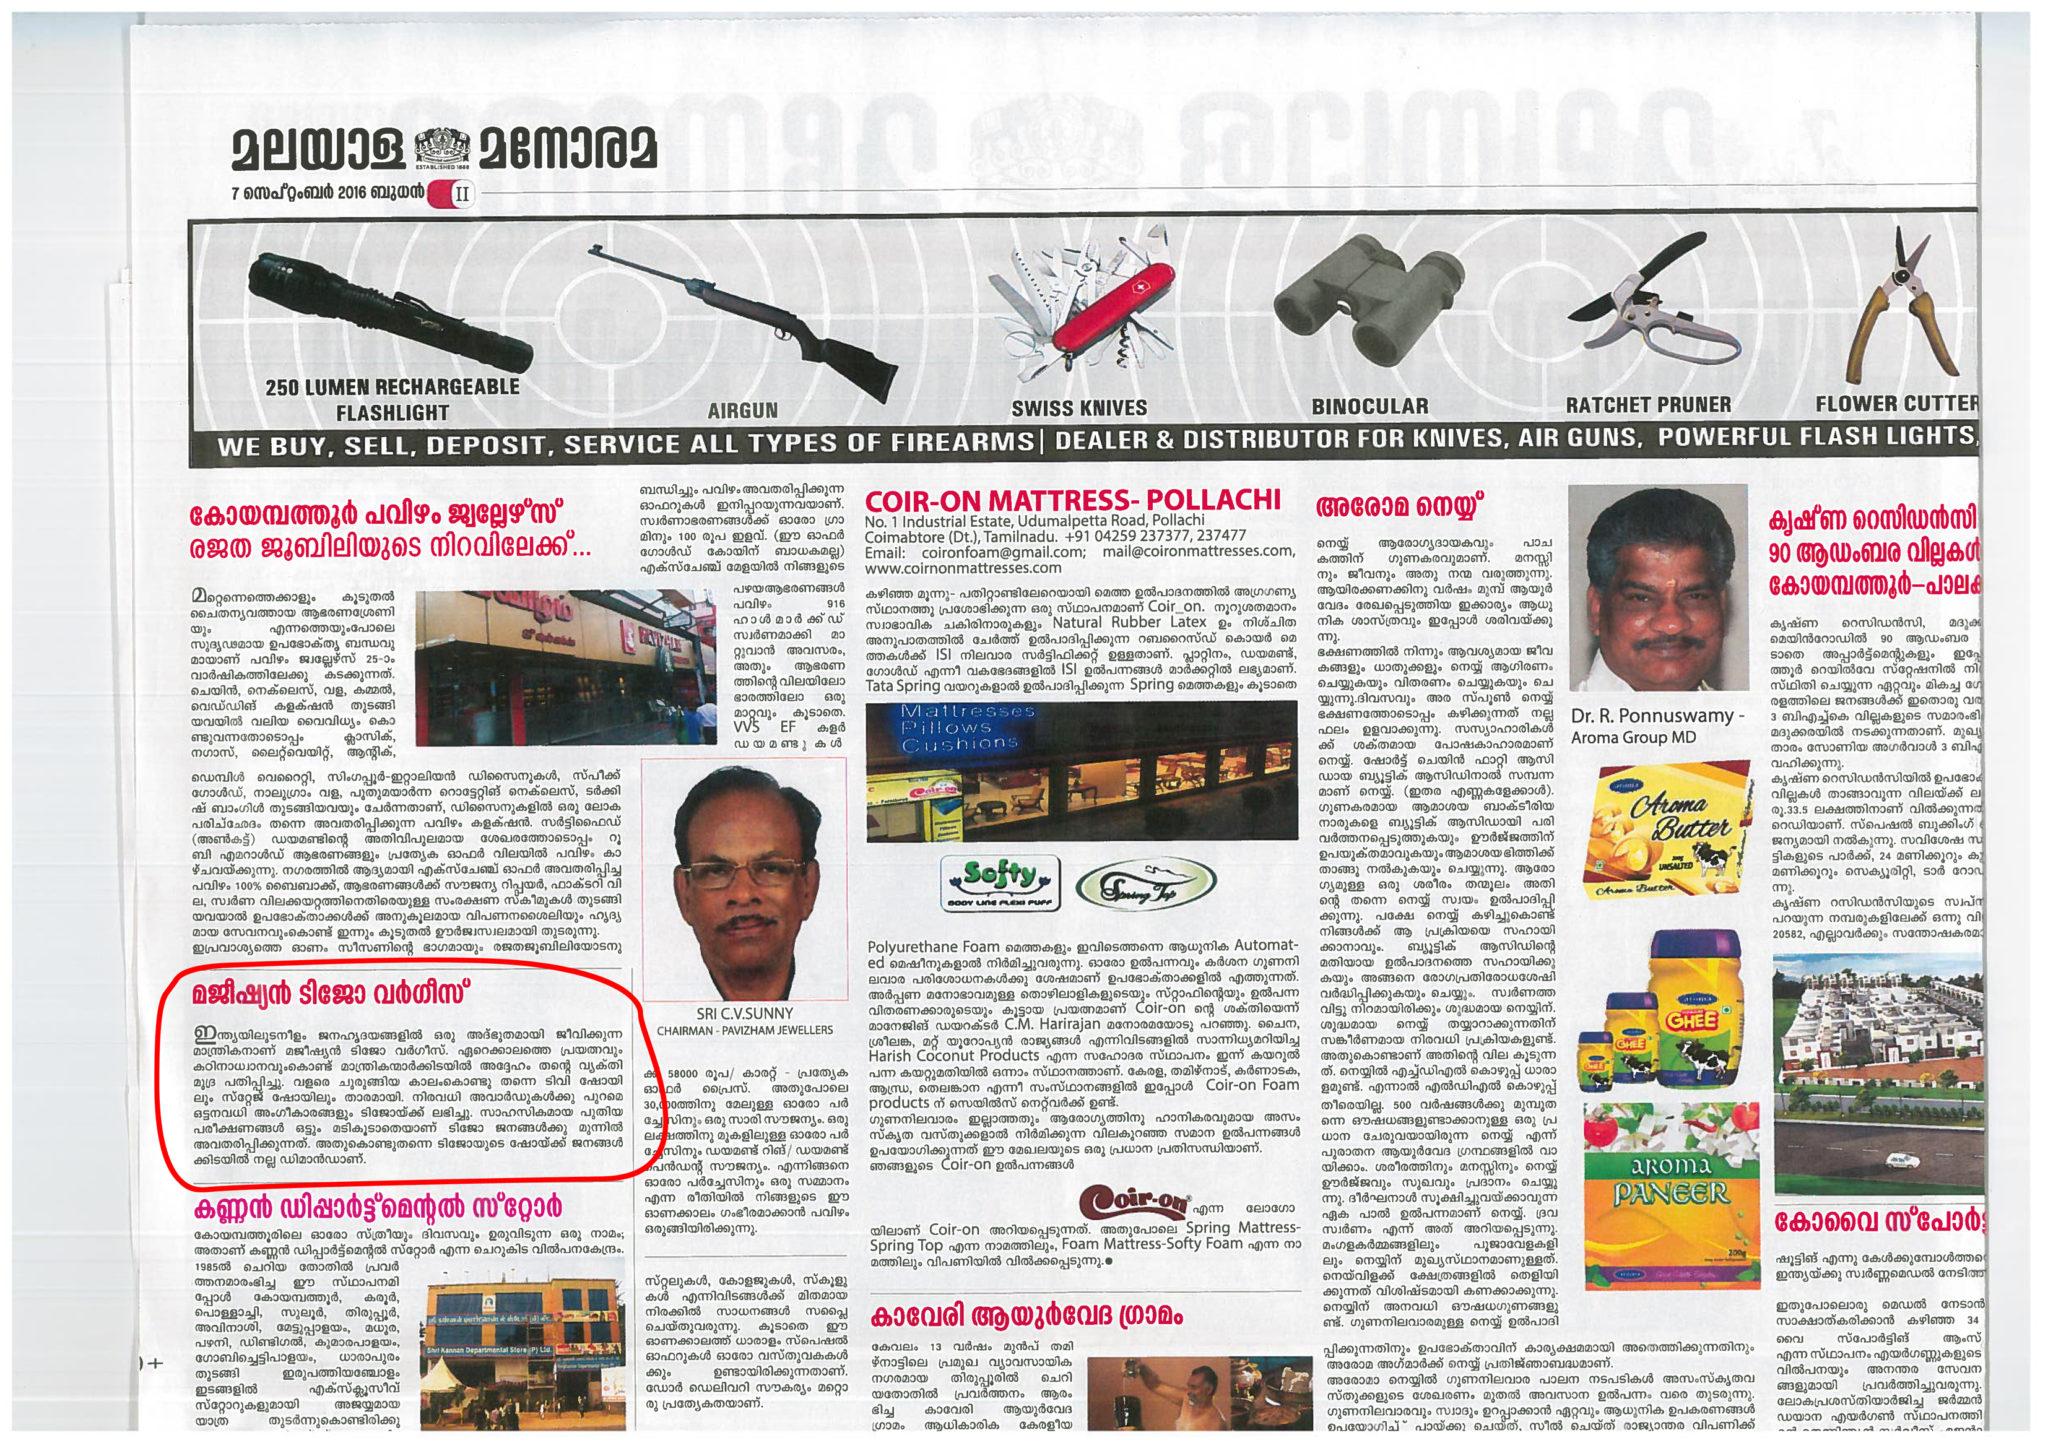 Malayalam Manorama Article Dated on 07.09.2016